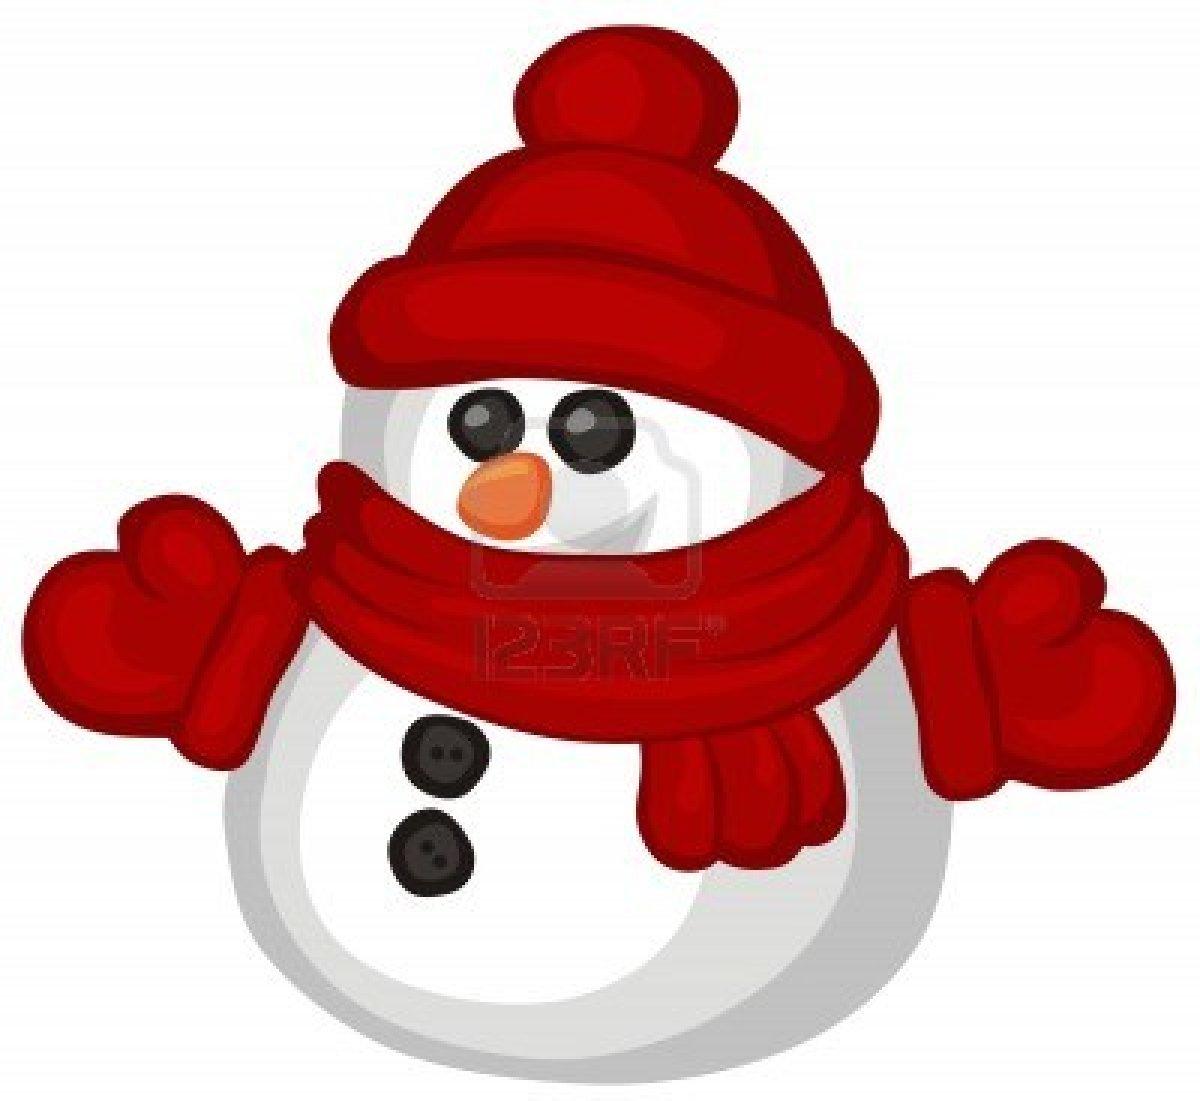 Cute s snowman clipart picture transparent stock Free snowman clipart cute - ClipartFest picture transparent stock